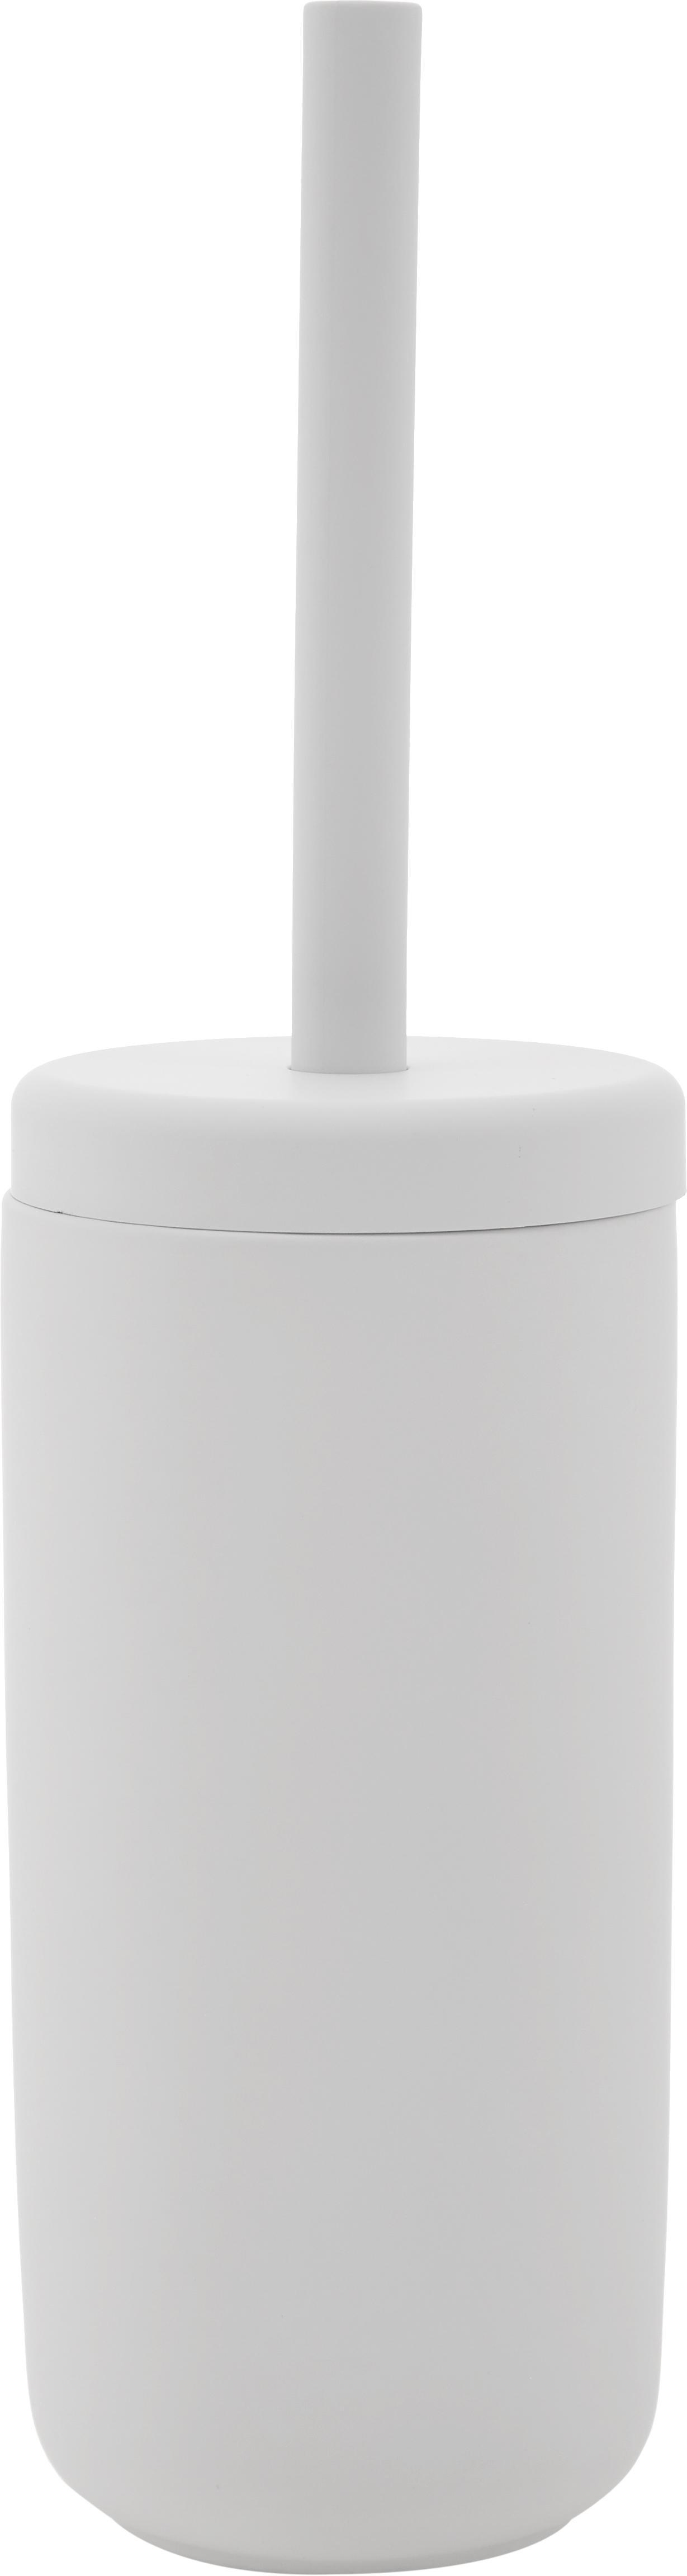 Toiletborstel Ume met keramische houder, Houder: keramiek overtrokken met , Lichtgrijs, Ø 10 x H 39 cm